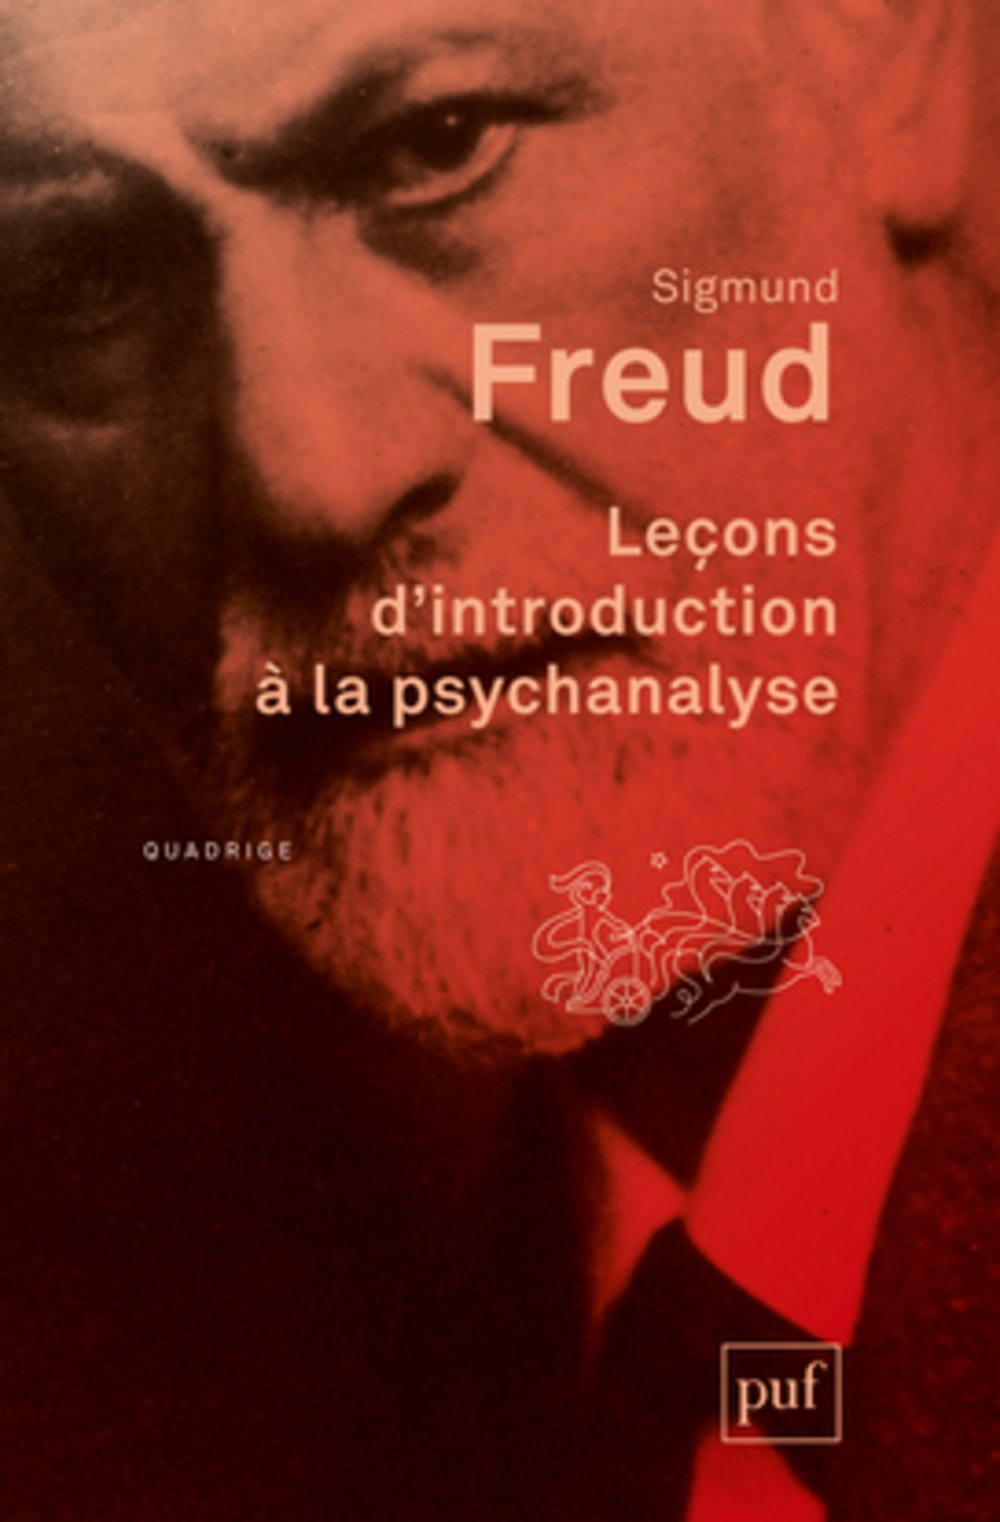 Amazon.fr - Leçons d'introduction à la psychanalyse - Sigmund Freud - Livres